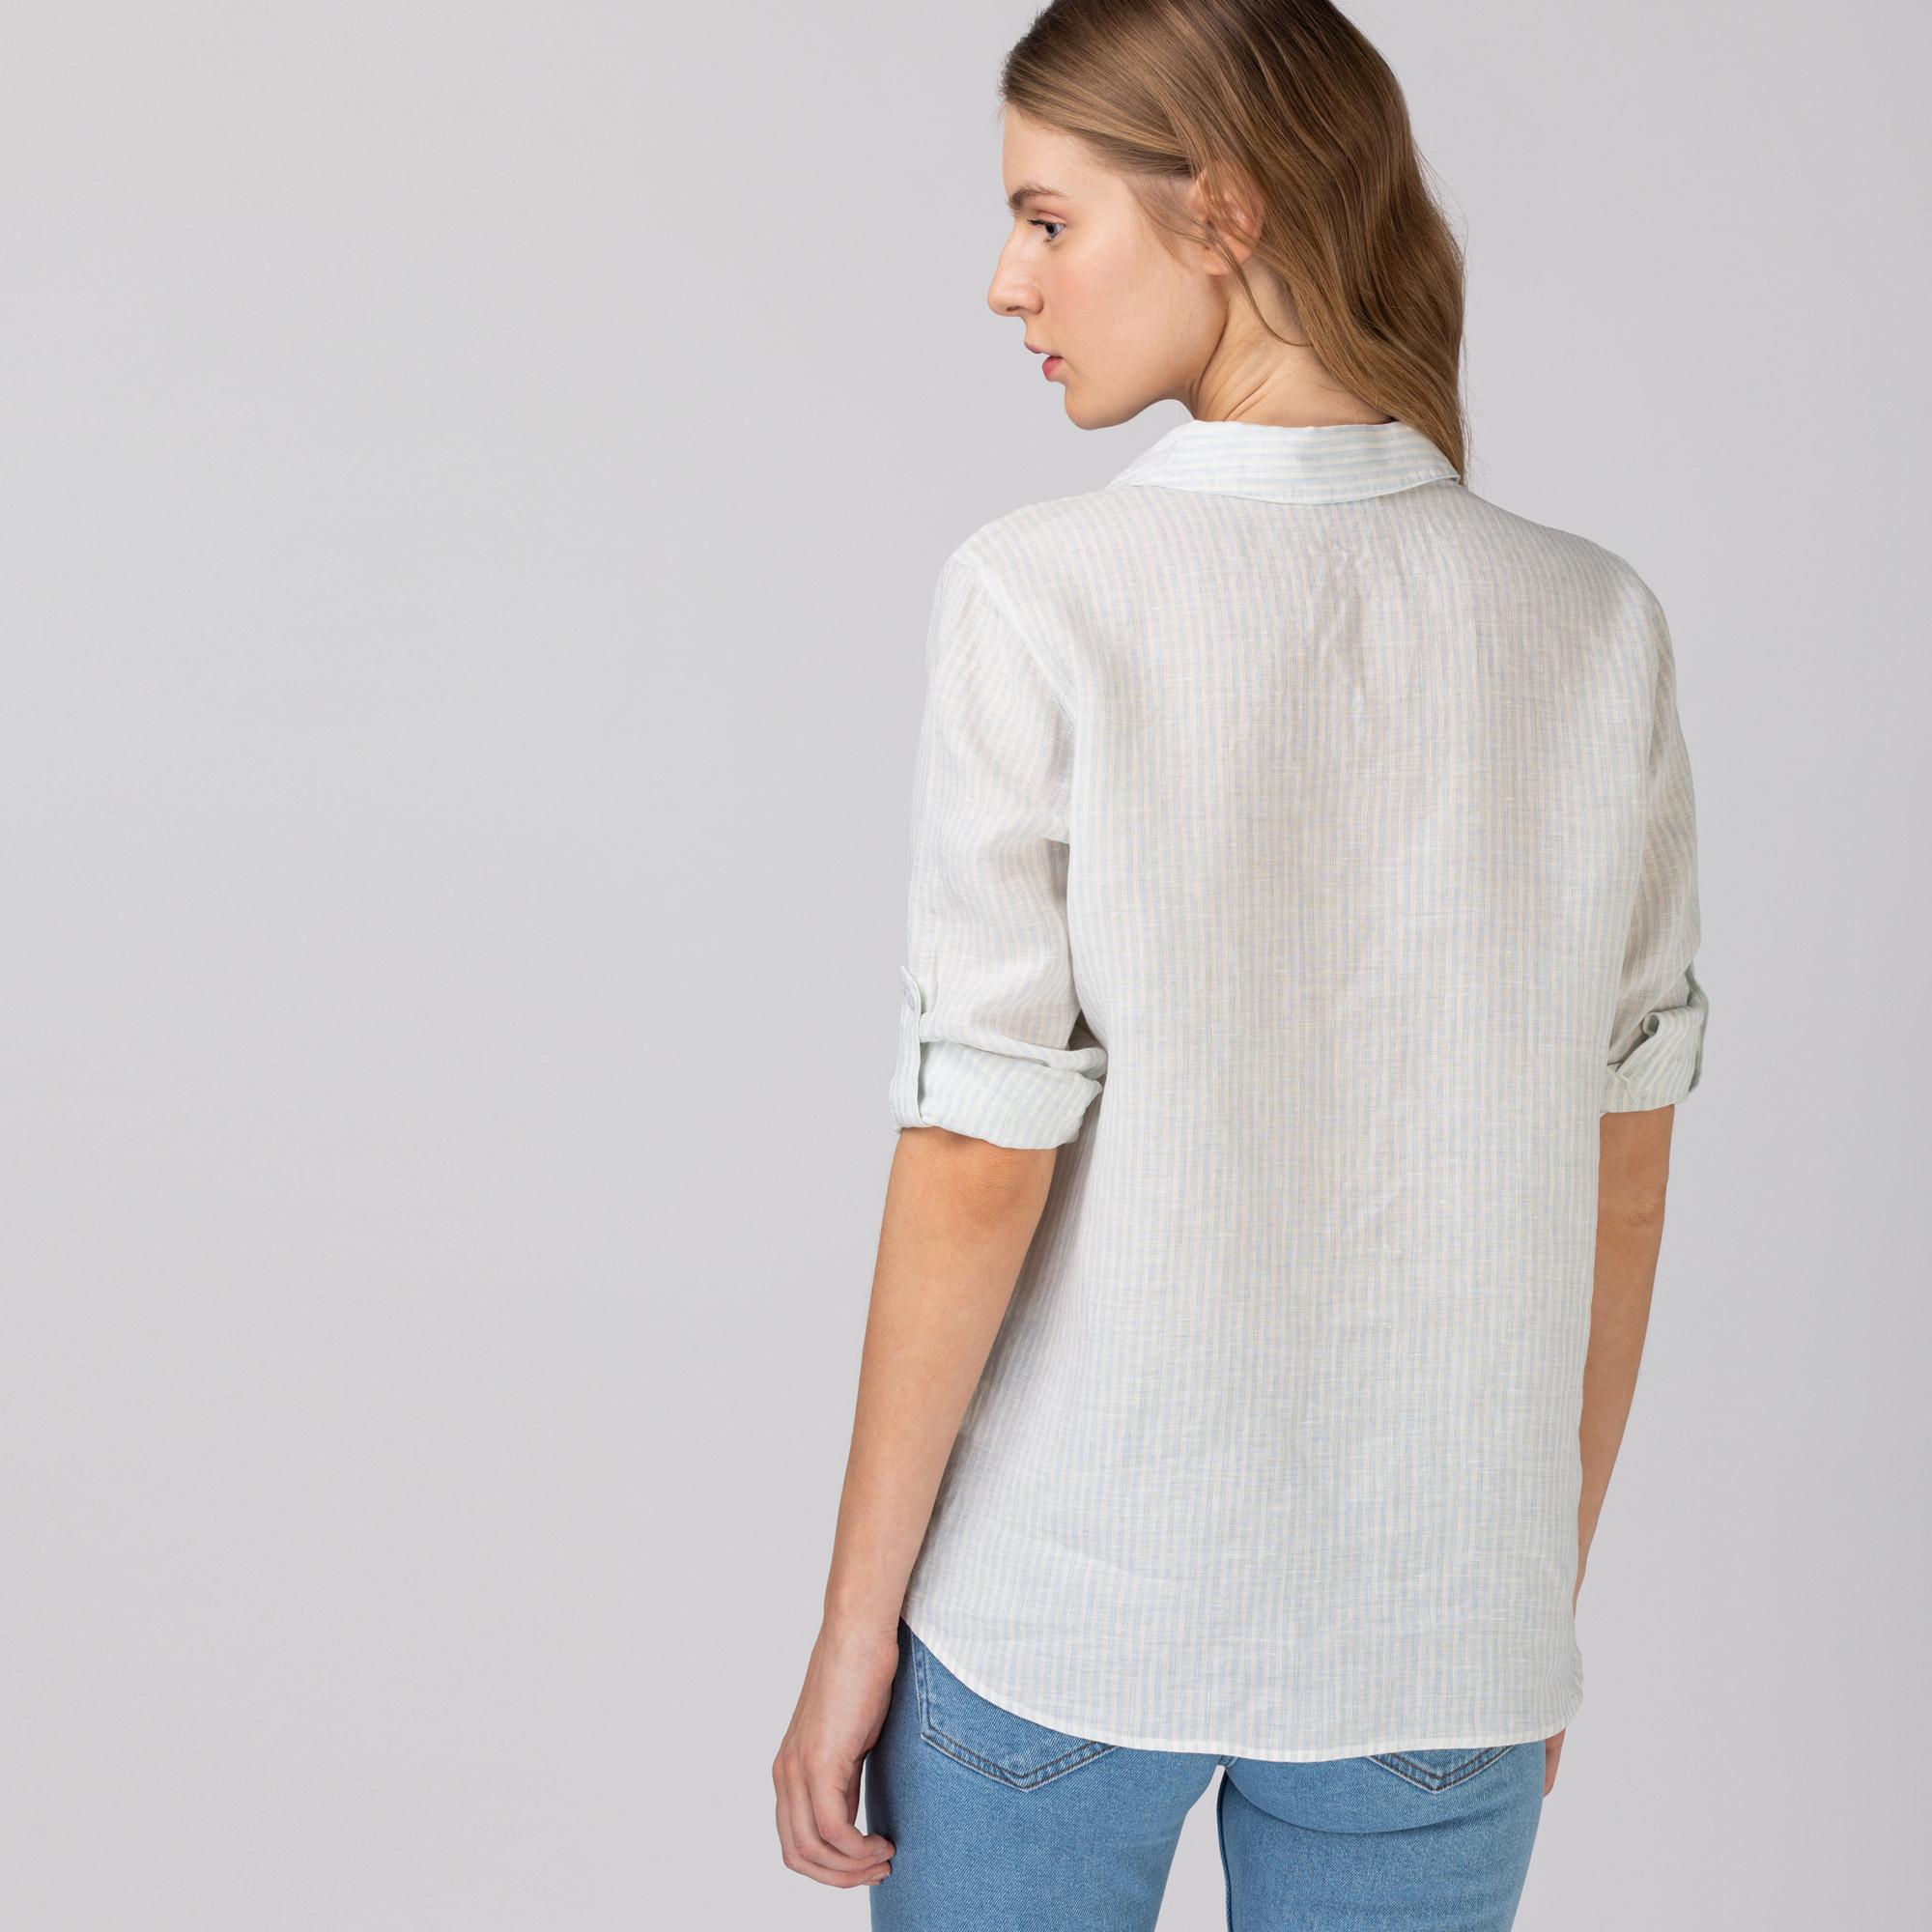 Lacoste Kadın Keten Çizgili Açık Mavi Gömlek